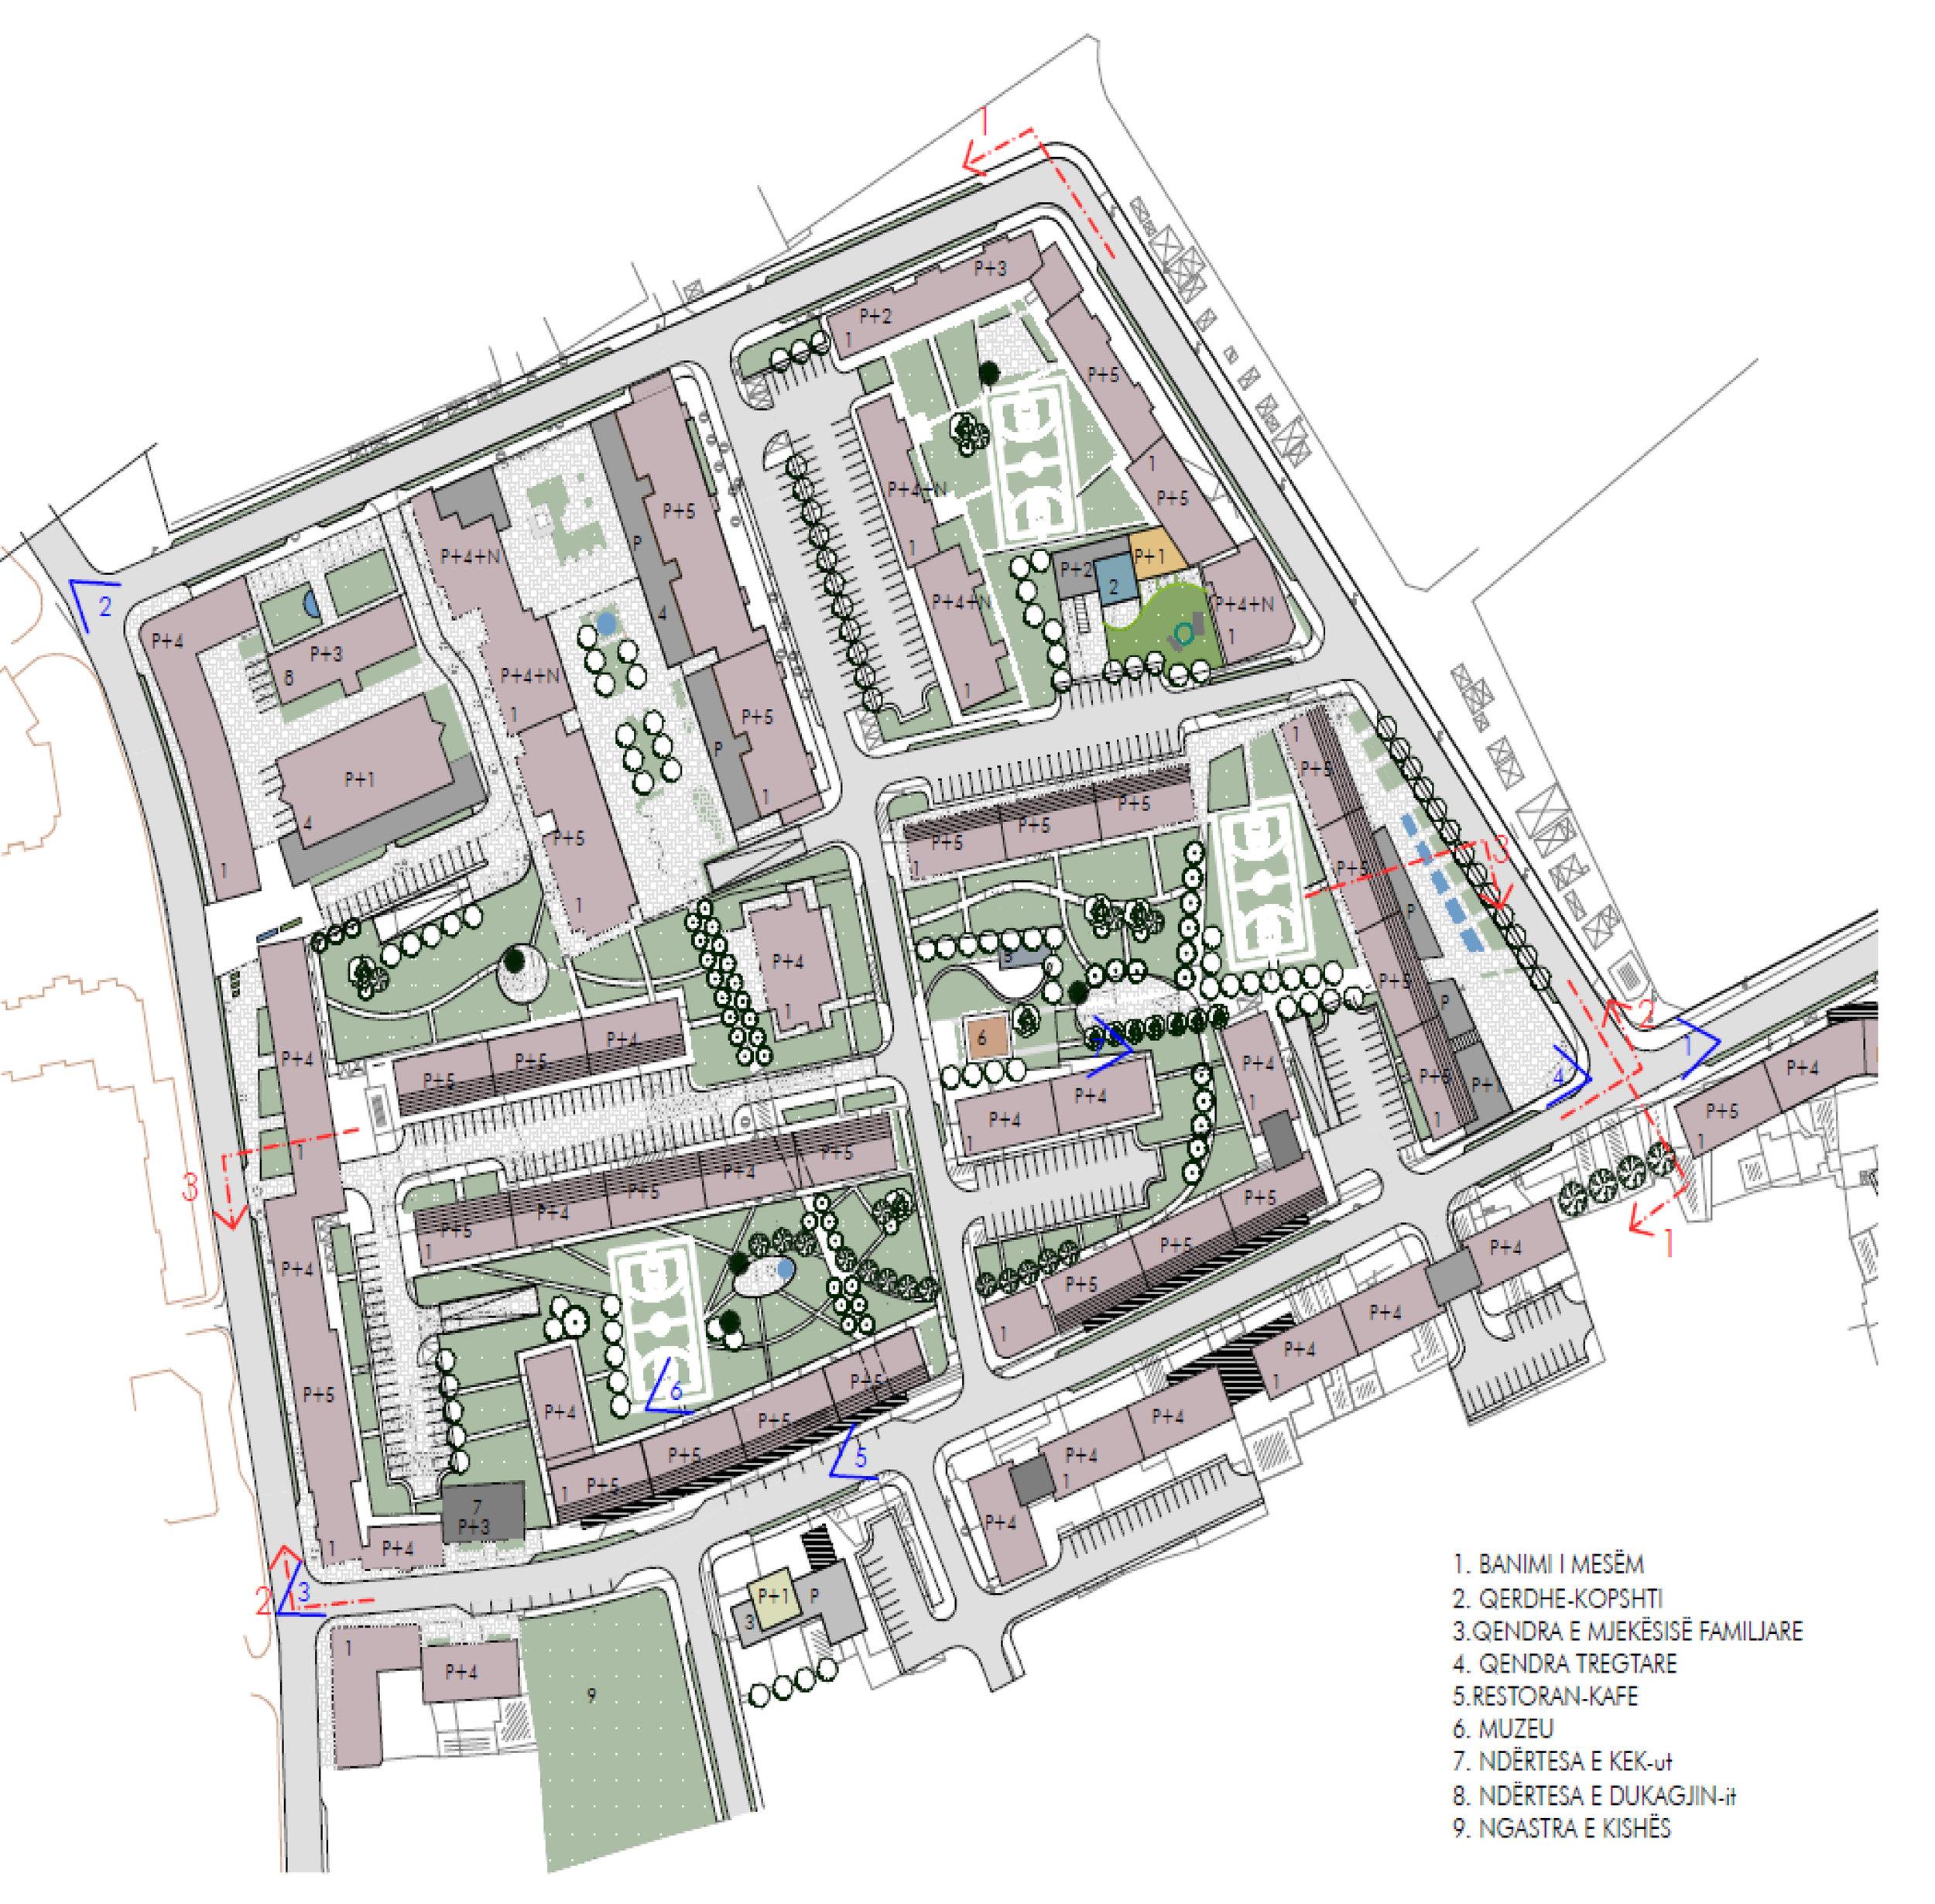 Mbreteresha teute - Year: 2004 - 2005Location: Gjakova, KosovoClient: Municipality of GjakovaMunicipal Development Plan